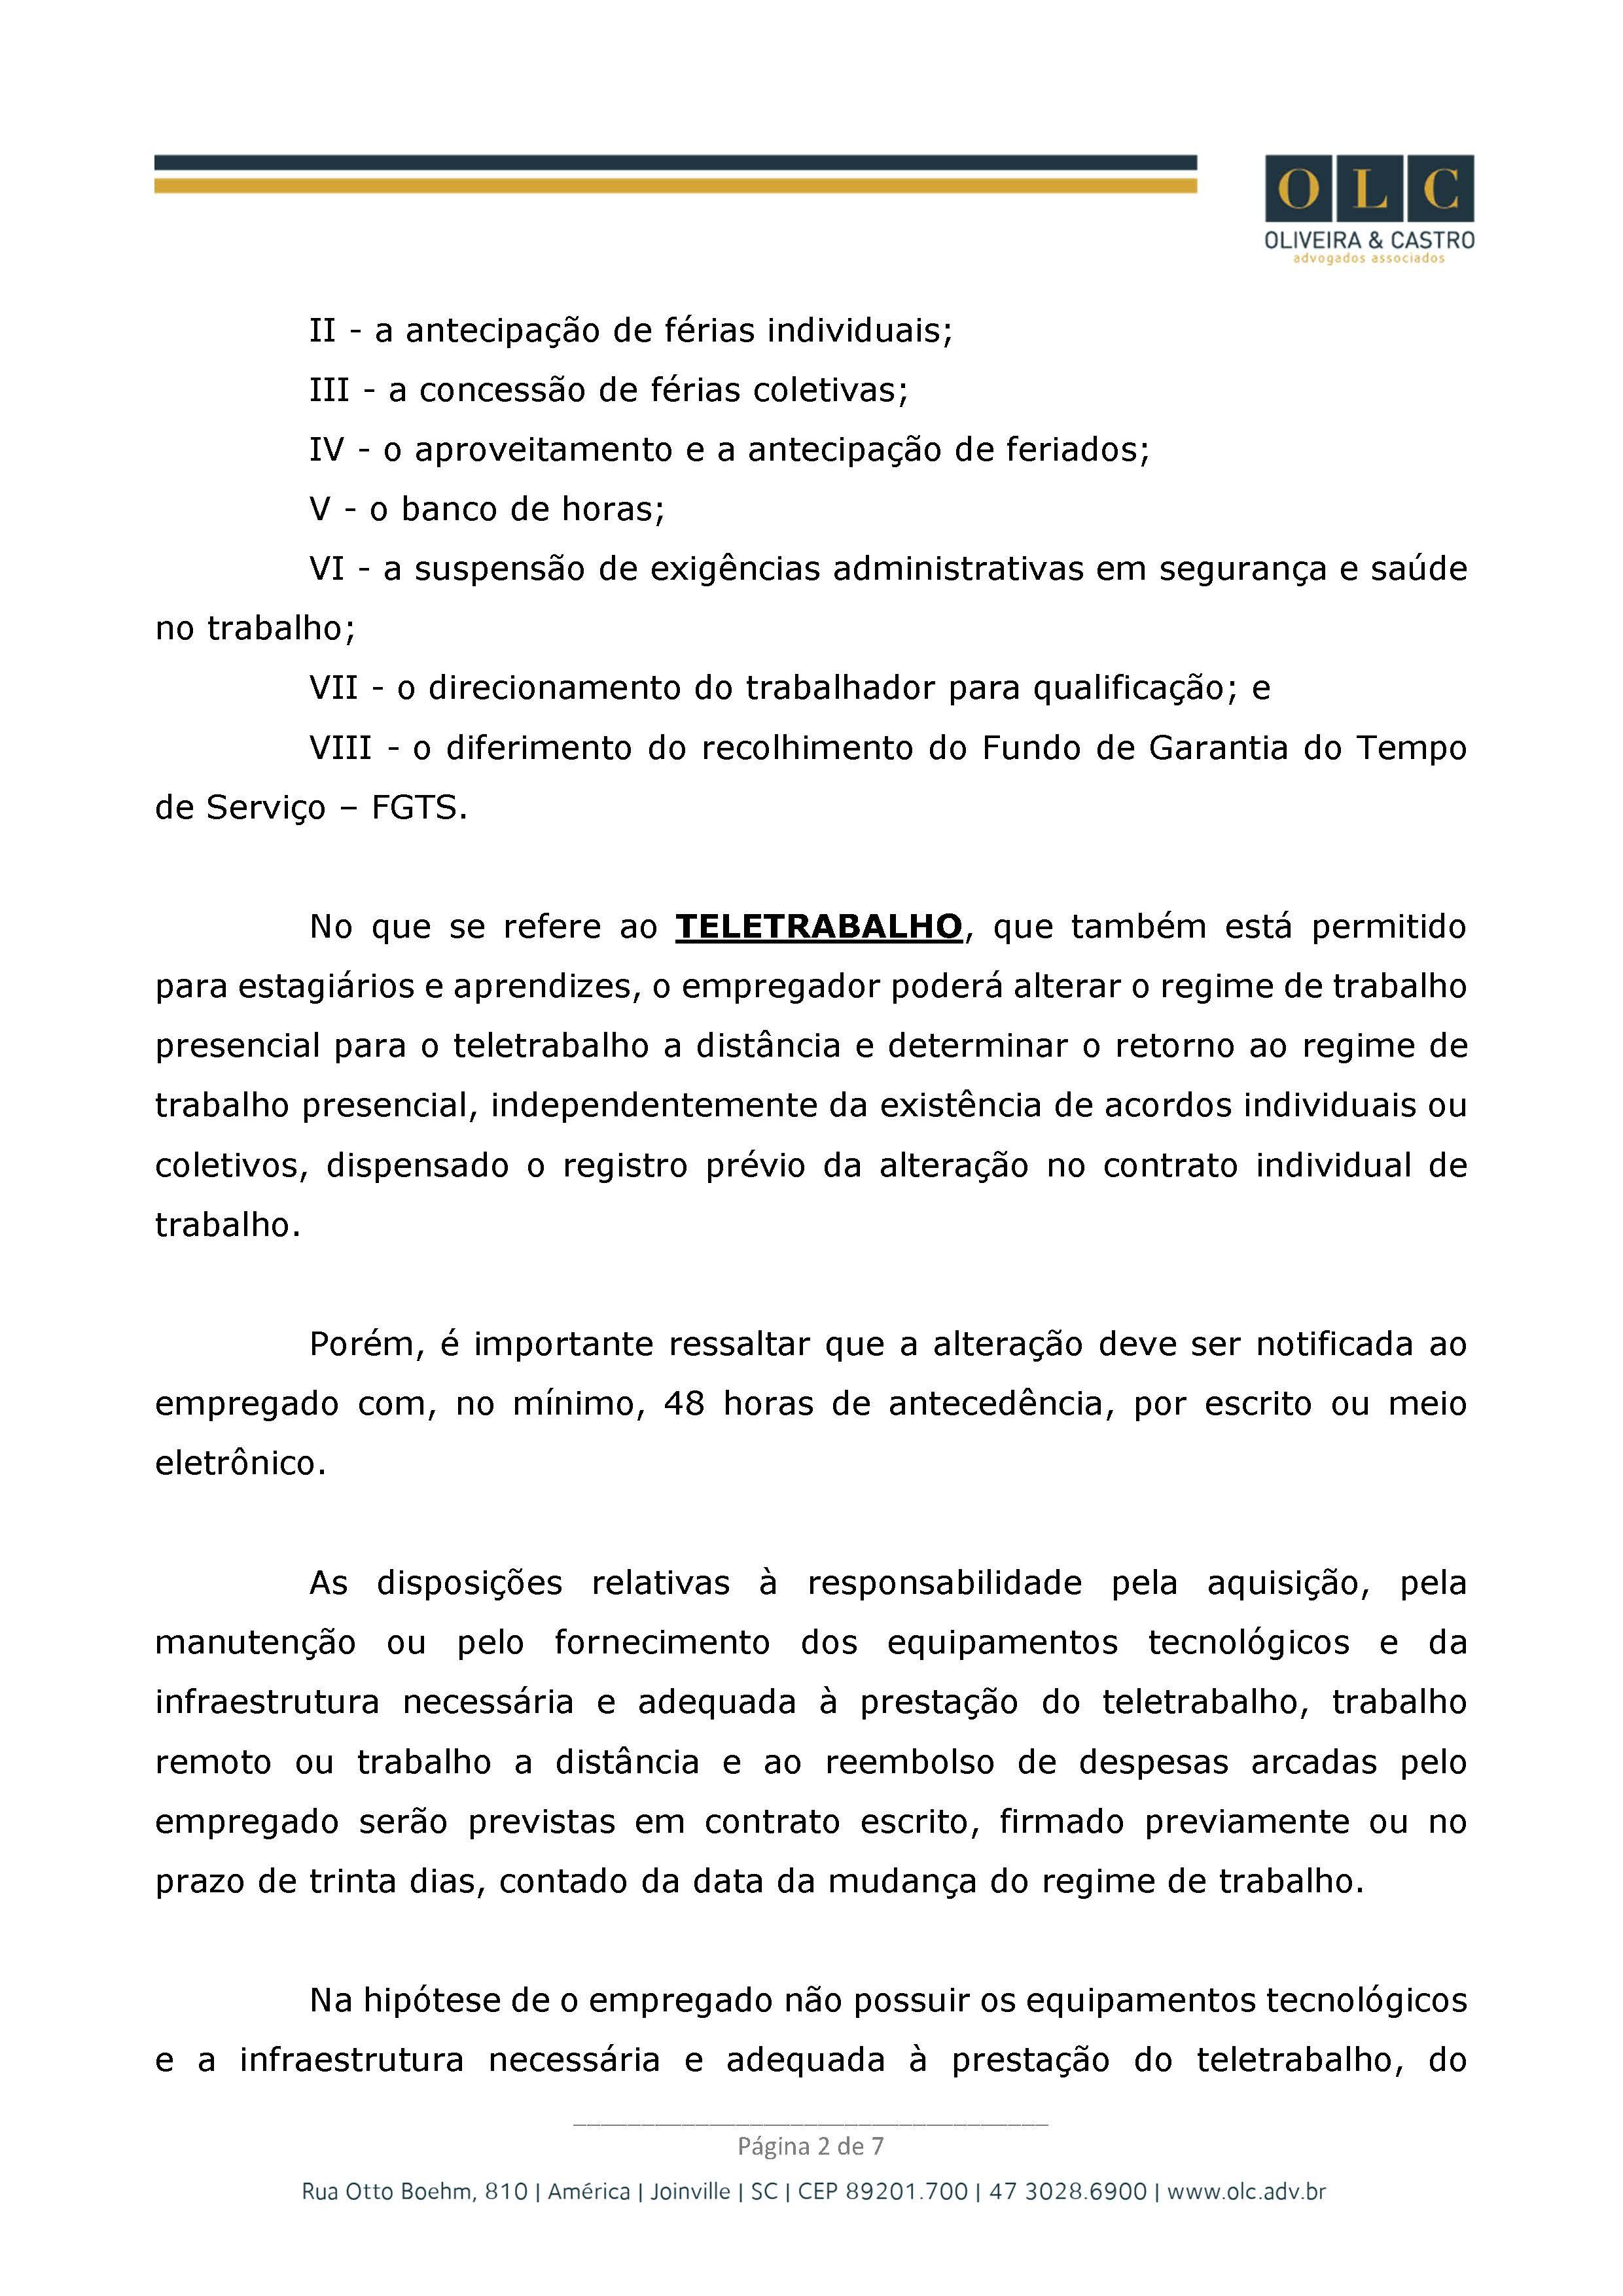 Carta Explicativa - Oliveira e Castro Advogados (1)_Página_2